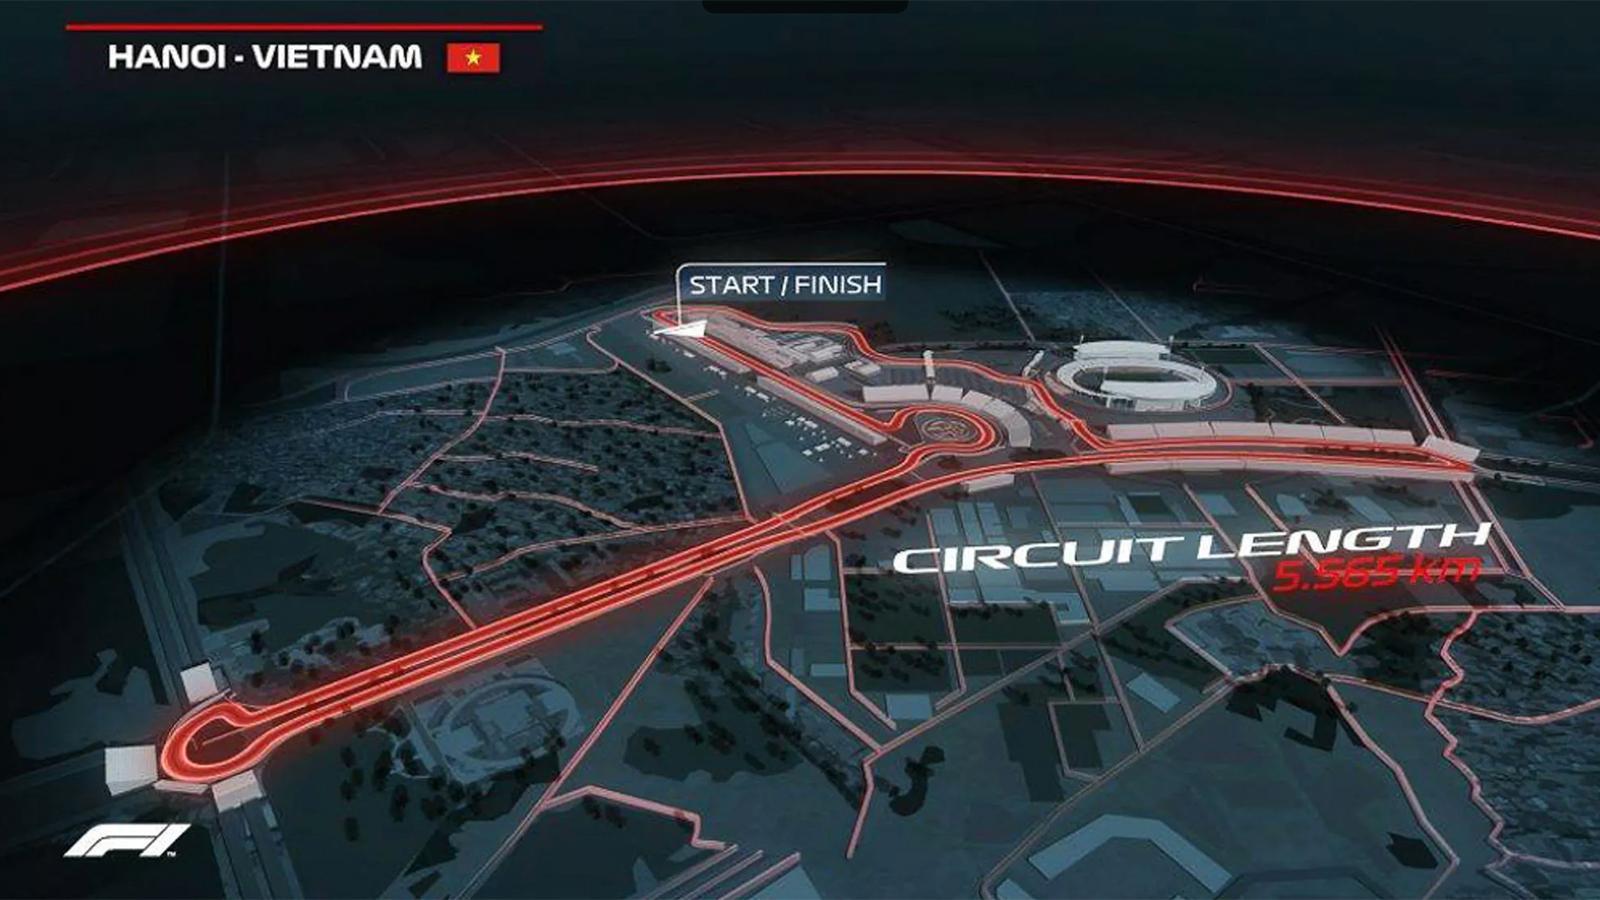 Công bố giá vé xem đua xe F1 tại Hà Nội, hạng phổ thông nhiều người mua được Ảnh 4